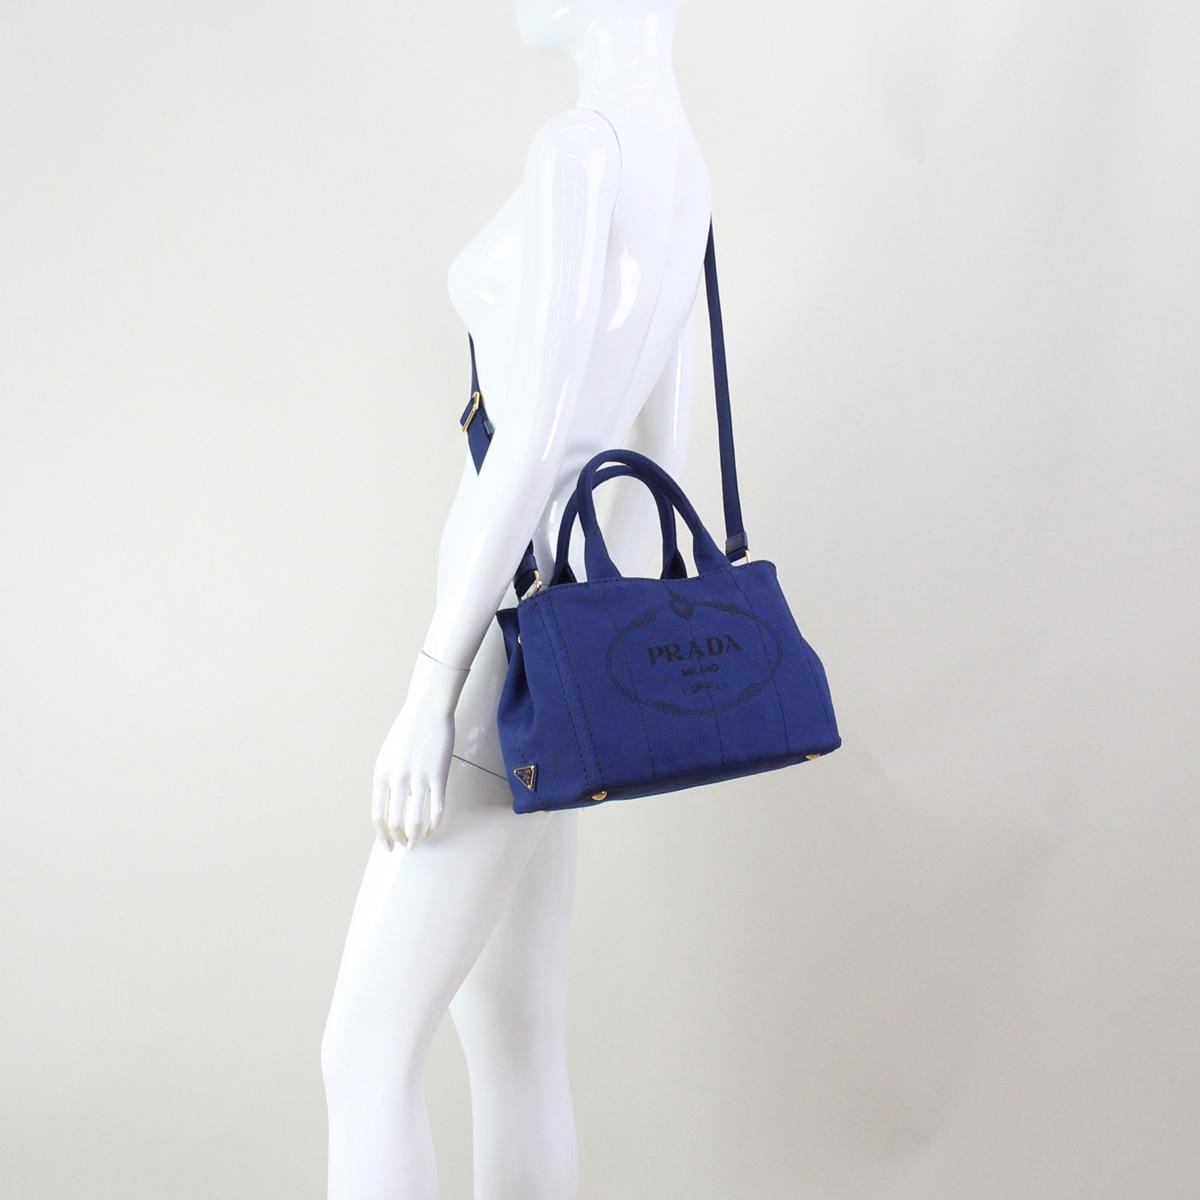 4e18d620ab A color: F0016 BLUETTE blue system. Size: About W30 X H19 X D16cm Steering  wheel length: Approximately 31cm. Steering wheel height: Approximately 12cm